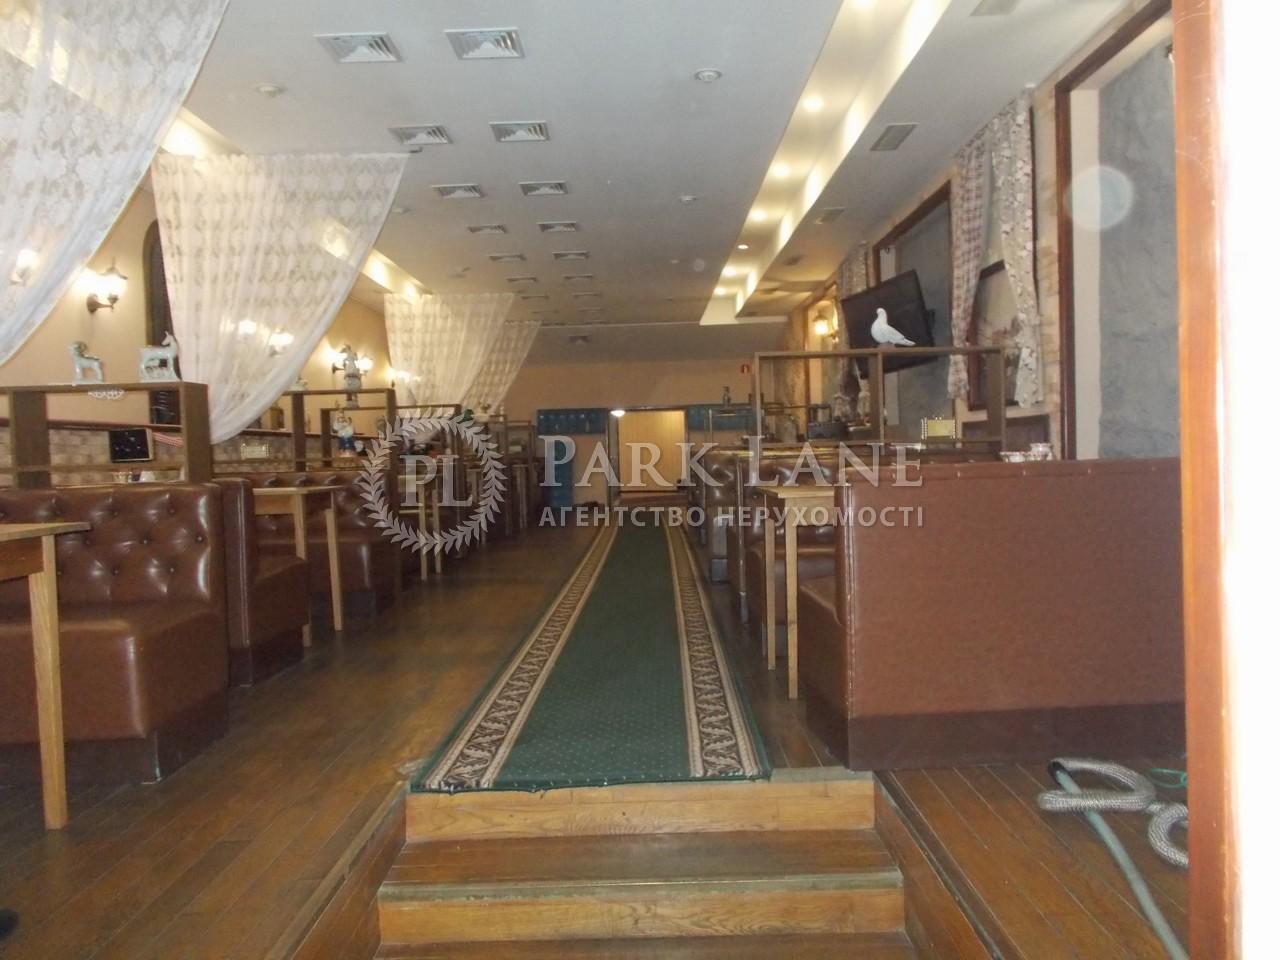 Ресторан, вул. Банкова, Київ, R-14955 - Фото 15